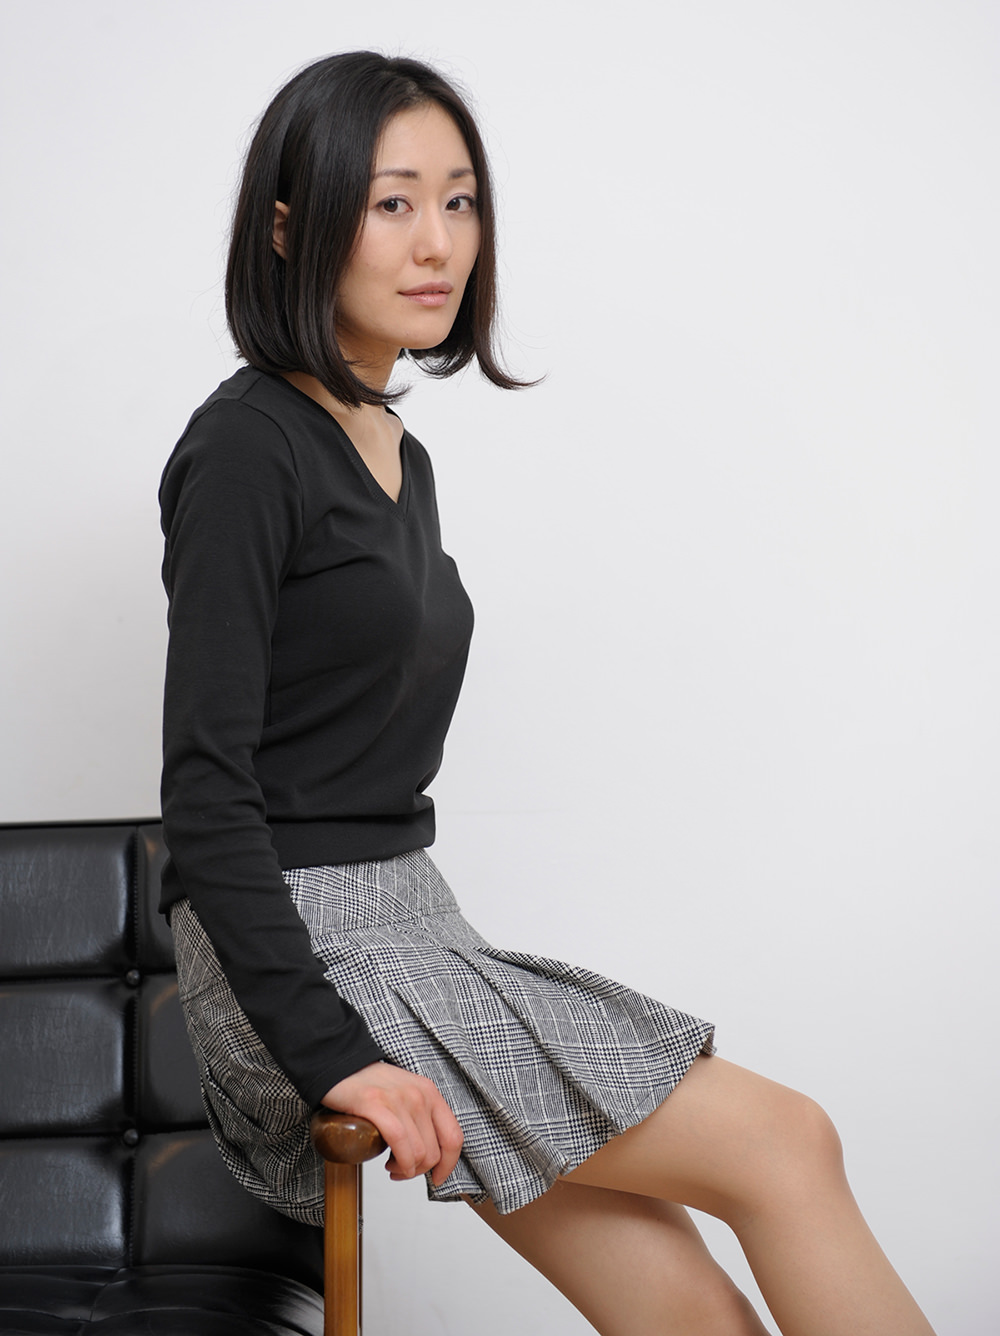 Photo|鈴木美智子 : Michiko Su...